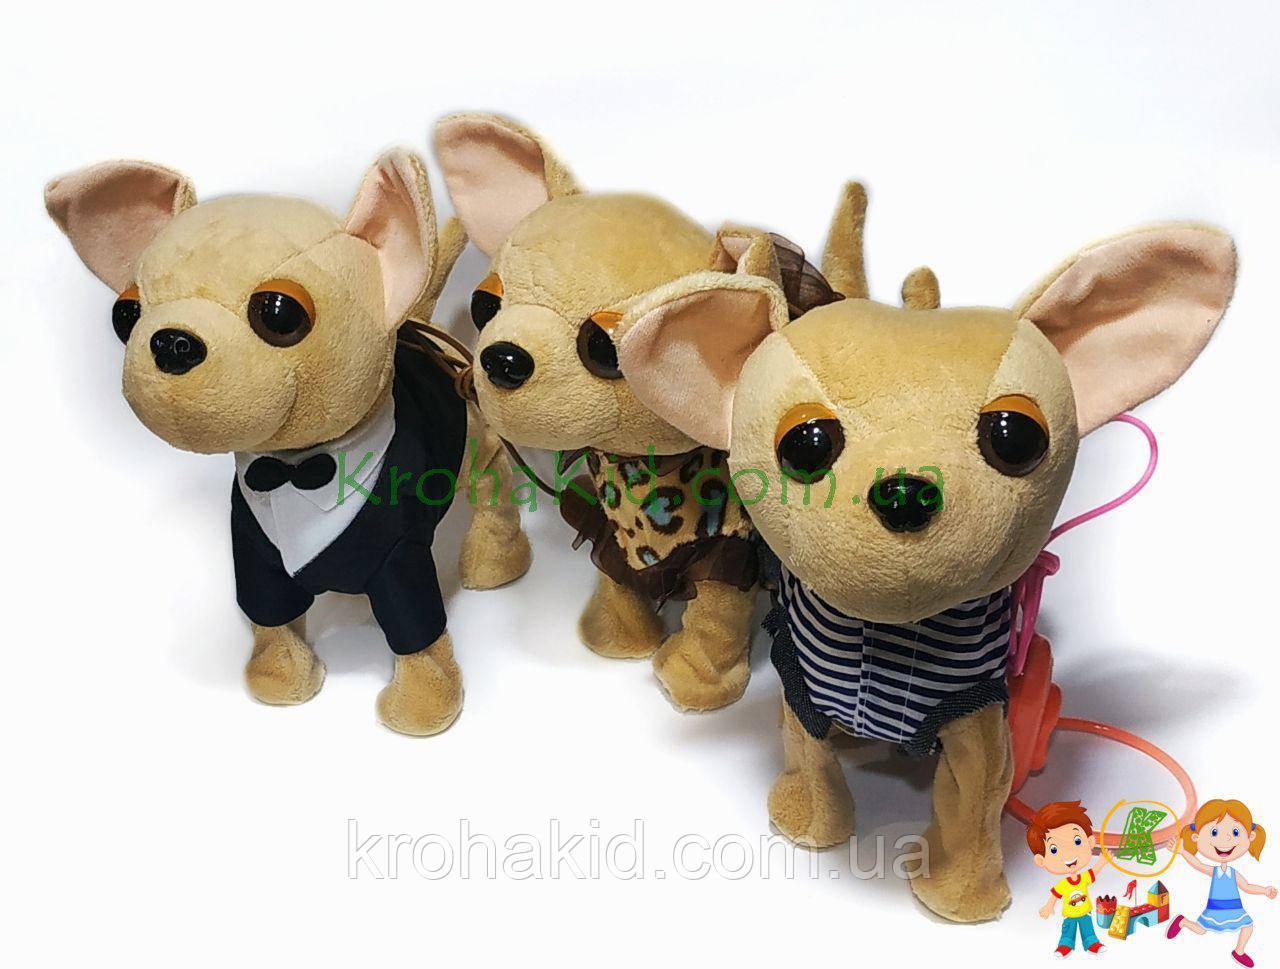 Детская музыкальная собачка HNR383 Чихуахуа на поводке : ходит, гавкает, машет хвостиком, поет